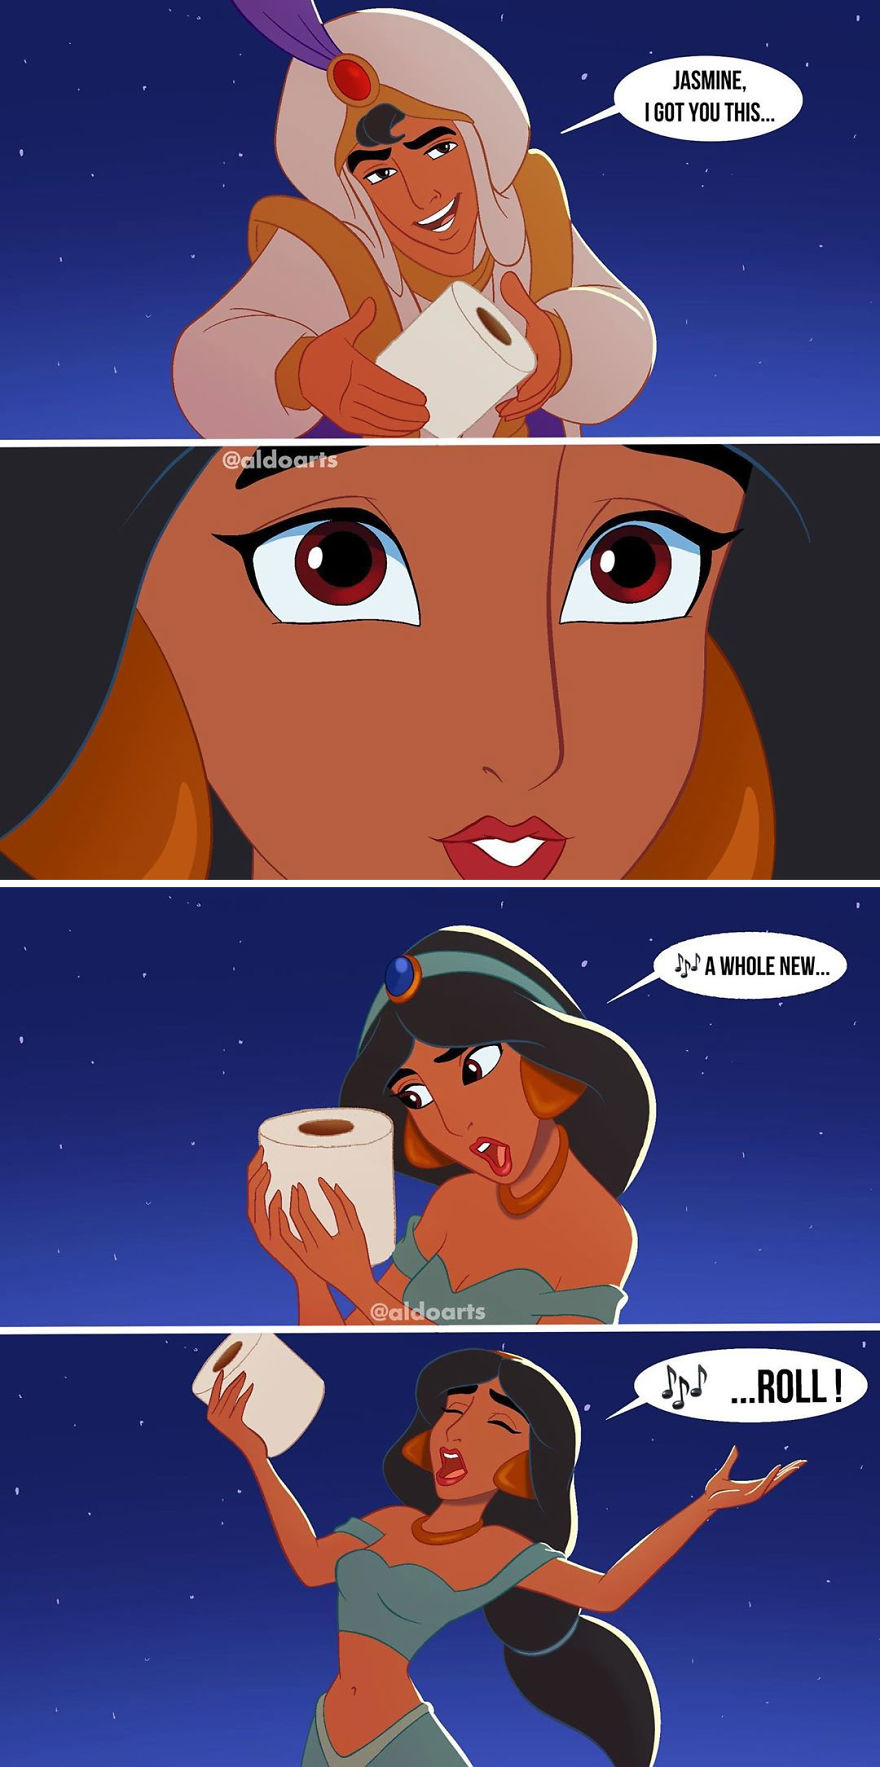 Disney-Comics-Coronavirus-Memes-Aldoarts